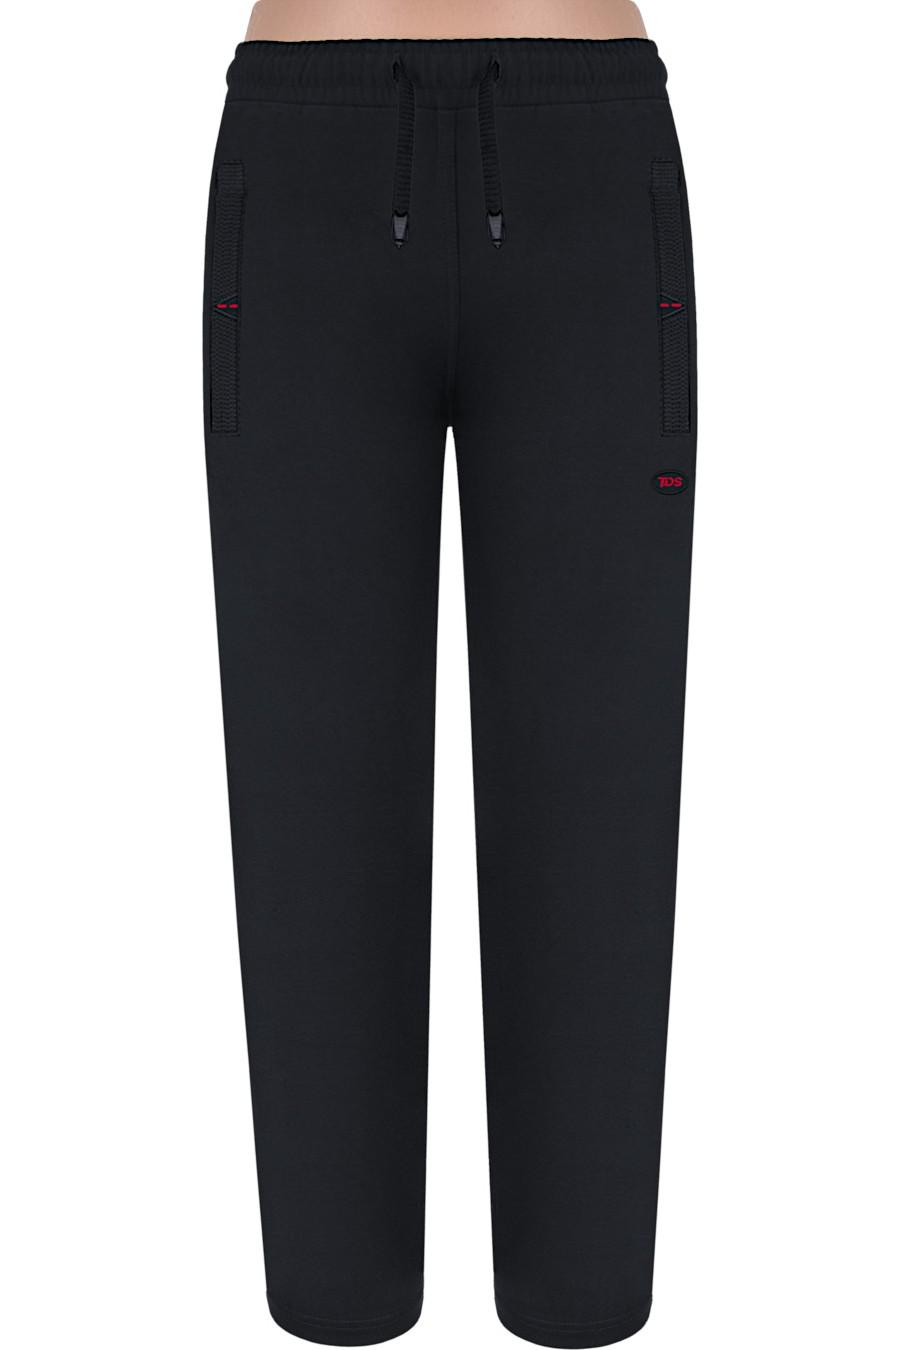 Spodnie sportowe TS 174 CLASSIC czarne/cz